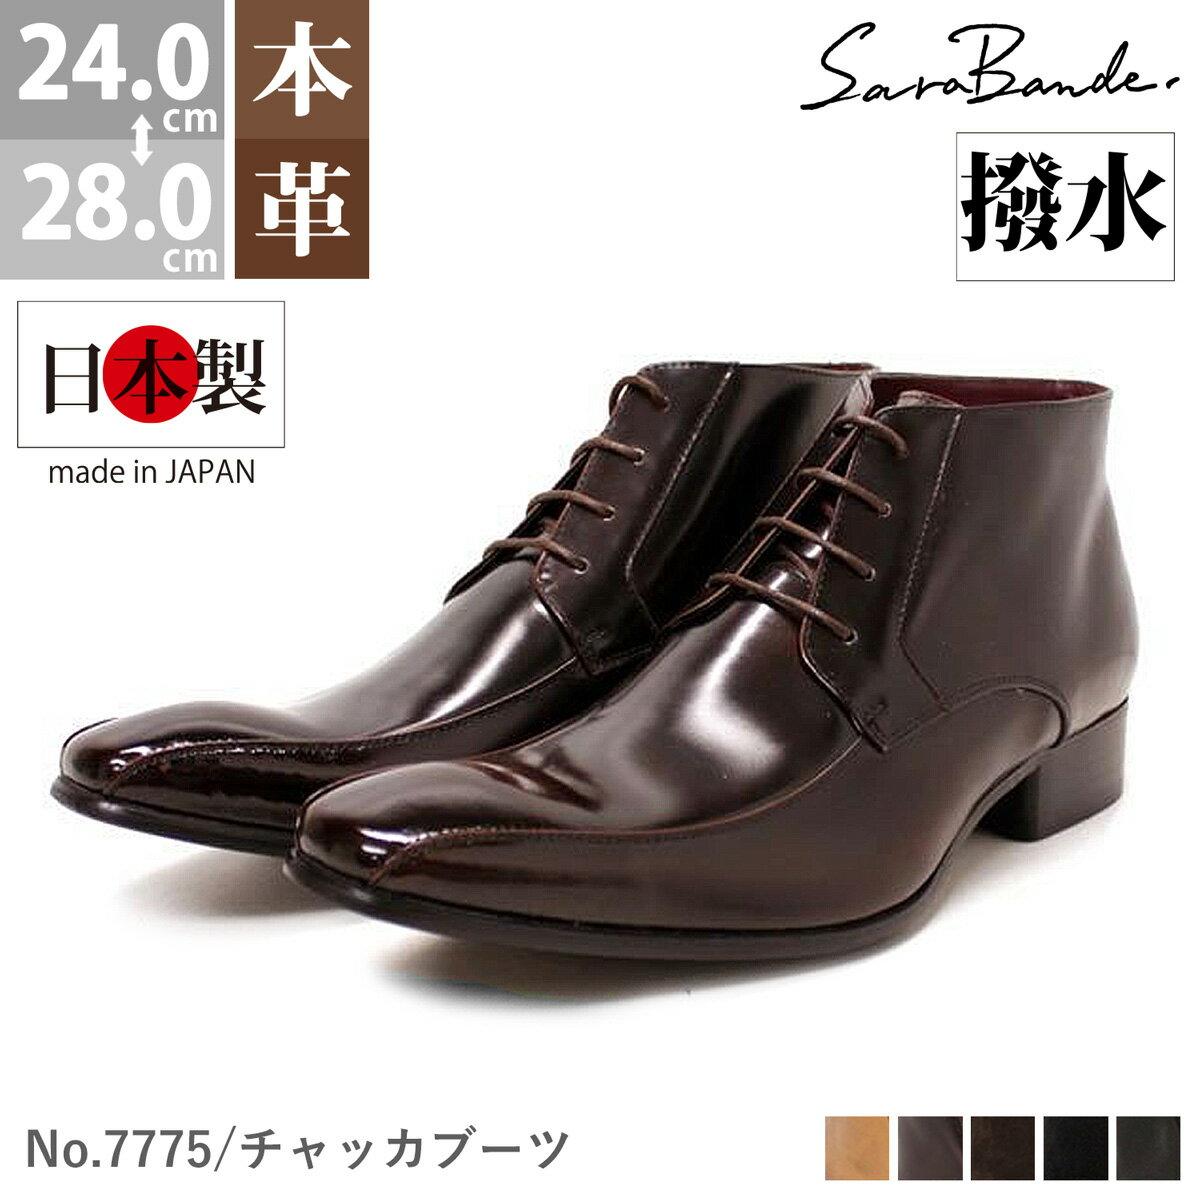 [送料無料]ショートブーツ[SARABANDE サラバンド]日本製 本革チャッカブーツ No.7775[5色展開]スムースレザー スエード ビジネス シューズ チャッカーブーツ 国産 レザー 紐靴 革靴 ロングノーズ レースアップ